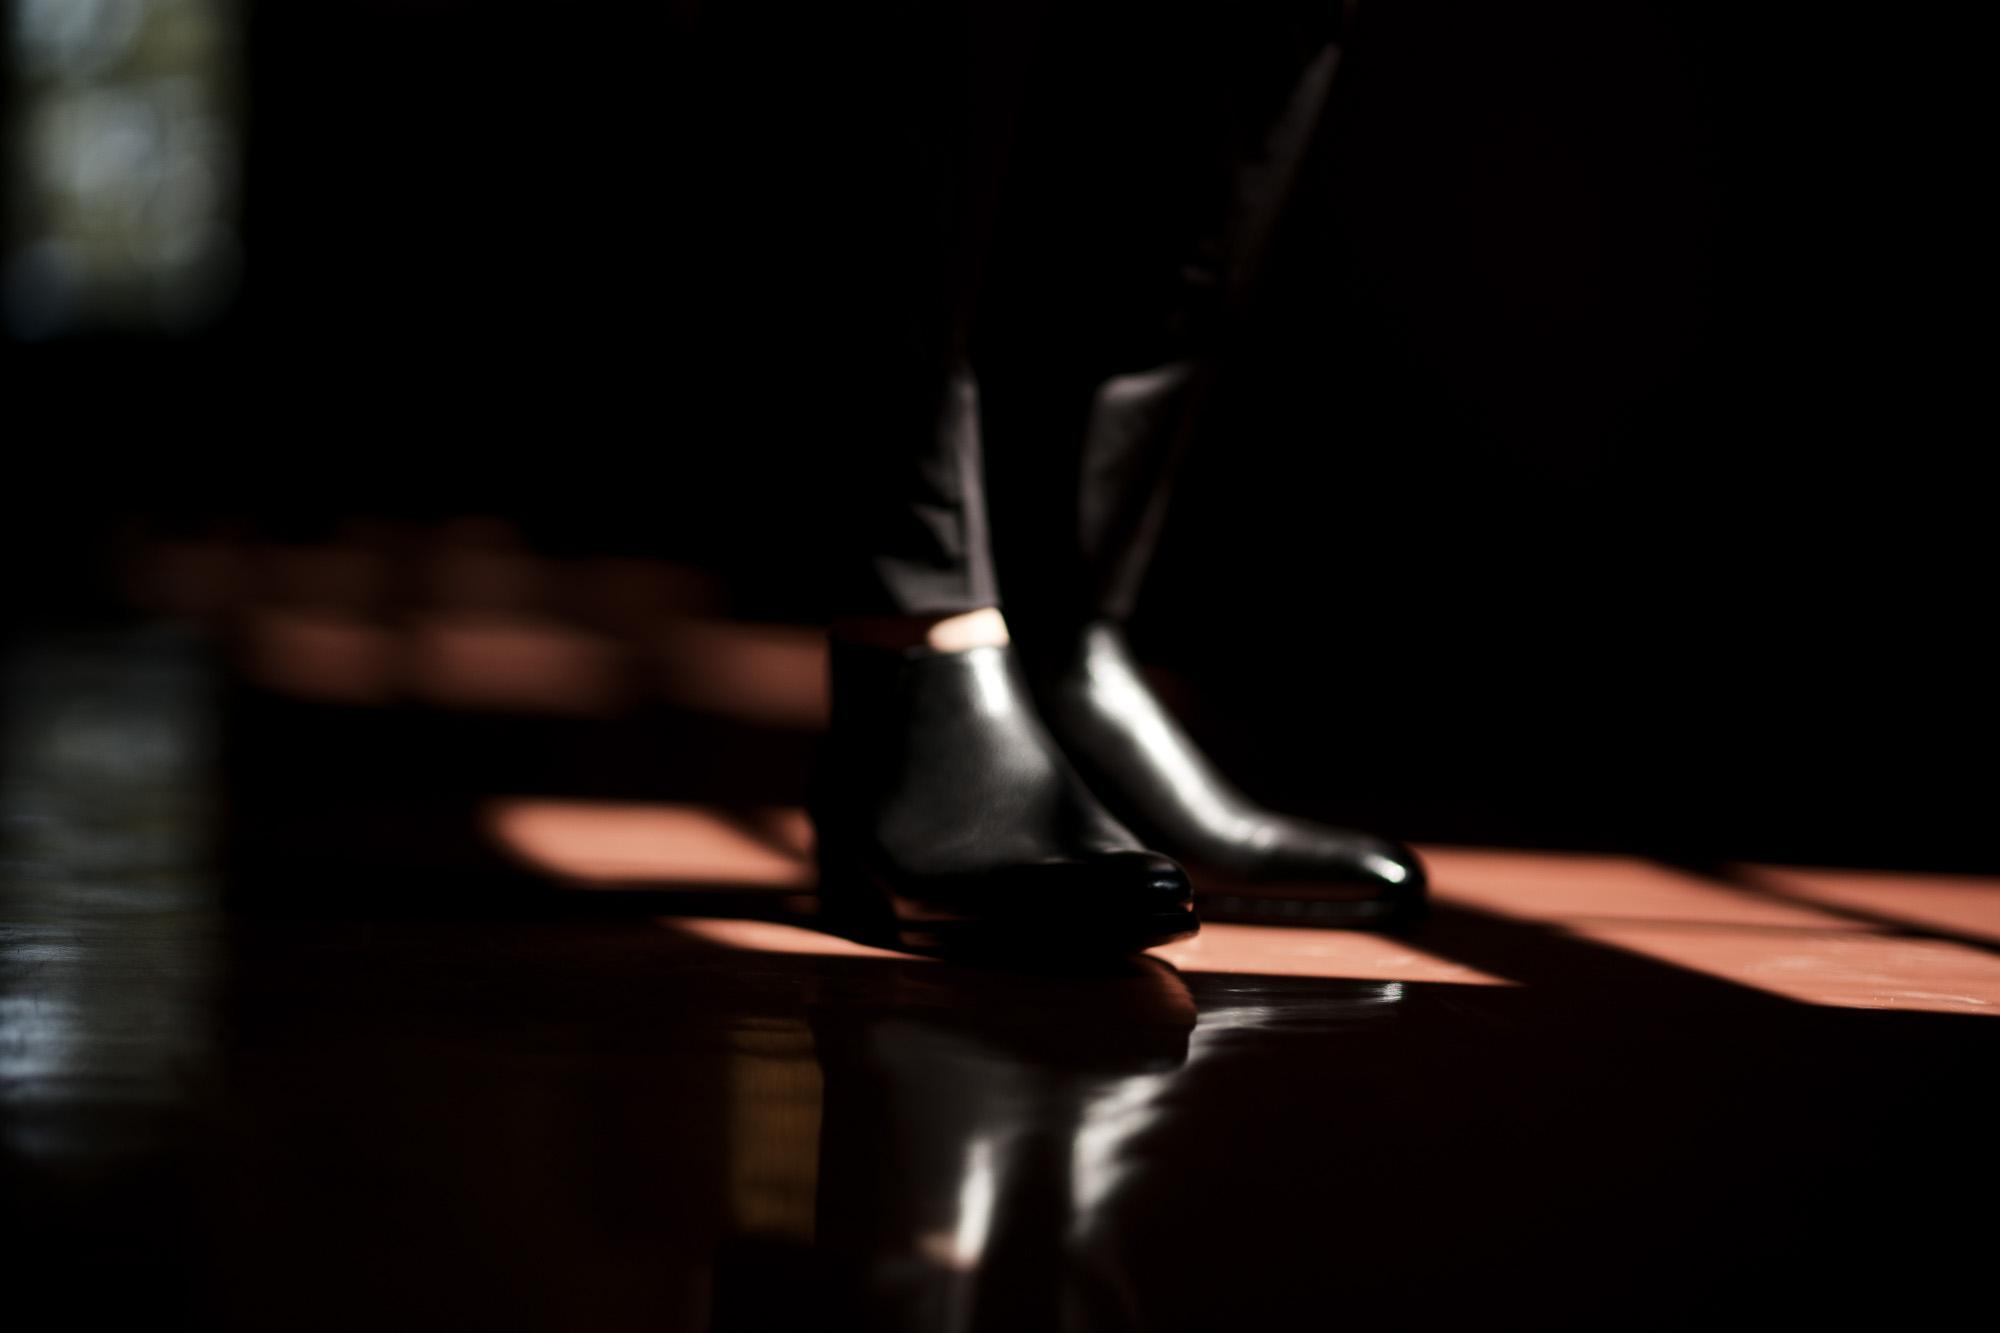 4・09(Tue)    alto e diritto altoediritto アルトエデリット 愛知 名古屋 東京 大阪 セレクトショップ 洋服屋 Italy ALESSANDRO GHERARDI アレッサンドロゲラルディ Alfredo Beretta アルフレッド ベレッタ Anderson's アンダーソンズ BOGLIOLI ボリオリ BORRIELLO ボリエッロ CINQUANTA チンクアンタ Cruciani クルチアーニ Delan デラン DUVETICA デュベティカ EMMETIエンメティ entre amis アントレアミ ENZO BONAFE エンツォボナフェ FERRANTE フェランテ FRANCO BASSI フランコバッシ FRAY フライ GABRIELE PASINI ガブリエレ パジーニ Glanshirt グランシャツ GRAN SASSO グランサッソ GTA ジーティーアー HERNO ヘルノ INCOTEX インコテックス INCOTEX SLACKS インコテックススラックス ISAIA イザイア J.W.BRINE J.W.ブライン LARDINI ラルディーニ MONTEDORO モンテドーロ MOORER ムーレー Pantofola d'Oro パントフォラドーロ Radice ラディーチェ PT01 ピーティーゼロウーノ PT05 ピーティーゼロチンクエ RICHARD J.BROWN リチャードジェイブラウン Sealup シーラップ Settefili Cashmere セッテフィーリカシミア VALSTAR ヴァルスター VIGANO ヴィガーノ ZANONE ザノーネ U.S.A. ALDO ROSSI アルドロッシ Allen Edmonds アレンエドモンズ Champion チャンピオン CONVERSE コンバース DANNER ダナー DSPTCH ディスパッチ FILSON フィルソン INDIVIDUALIZED SHIRTS インディビジュアライズドシャツ JACQUESMARIEMAGE ジャックマリーマージュ JULIAN BOOTS ジュリアンブーツ JUTTA NEUMANN ユッタニューマン New Balance ニューバランス NIKE ナイキ South Paradiso Leather サウスパラディソレザー THE NORTH FACE ザ・ノースフェイス THE SANDALMAN ザ・サンダルマン VANS ヴァンズ Vanson Leather バンソンレザー VENETIAN CREAM ベネチアンクリーム WHITE'S BOOTS ホワイツブーツ WOOLRICH ウールリッチ WORN FREE ウォーンフリー England Barbour バブアー BARACUTA バラクータ DENTS デンツ FOX UMBRELLAS フォックスアンブレラ INVERALLAN インバーアラン INVERTERE インバーティア J&M DAVIDSON ジェイアンドエムデヴィッドソン JAMES GROSE ジェームスグロース JOHN SMEDLEY ジョンスメドレー Johnstons ジョンストンズ Loake England ロークイングランド SWAINE ADENEY スウェイン アドニー WALSH ウォルシュ Worn By ウォーンバイ Other adidas アディダス ANDERSEN-ANDERSEN アンデルセン アンデルセン CHAMBORD SELLIER シャンボールセリエ Cuervo クエルボ Georges de Patricia ジョルジュ ド パトリシア HIROSHI TSUBOUCHI ヒロシツボウチ MADE BY SEVEN -REUSE- メイドバイセブンリユース VAGUE WATCH CO. ヴァーグウォッチ Order Suit オーダースーツ WH ダブルエイチ leica leicam10 leicam10-p ライカ ライカM10 ライカM10-p ズミルックス summilux ノクチルックス